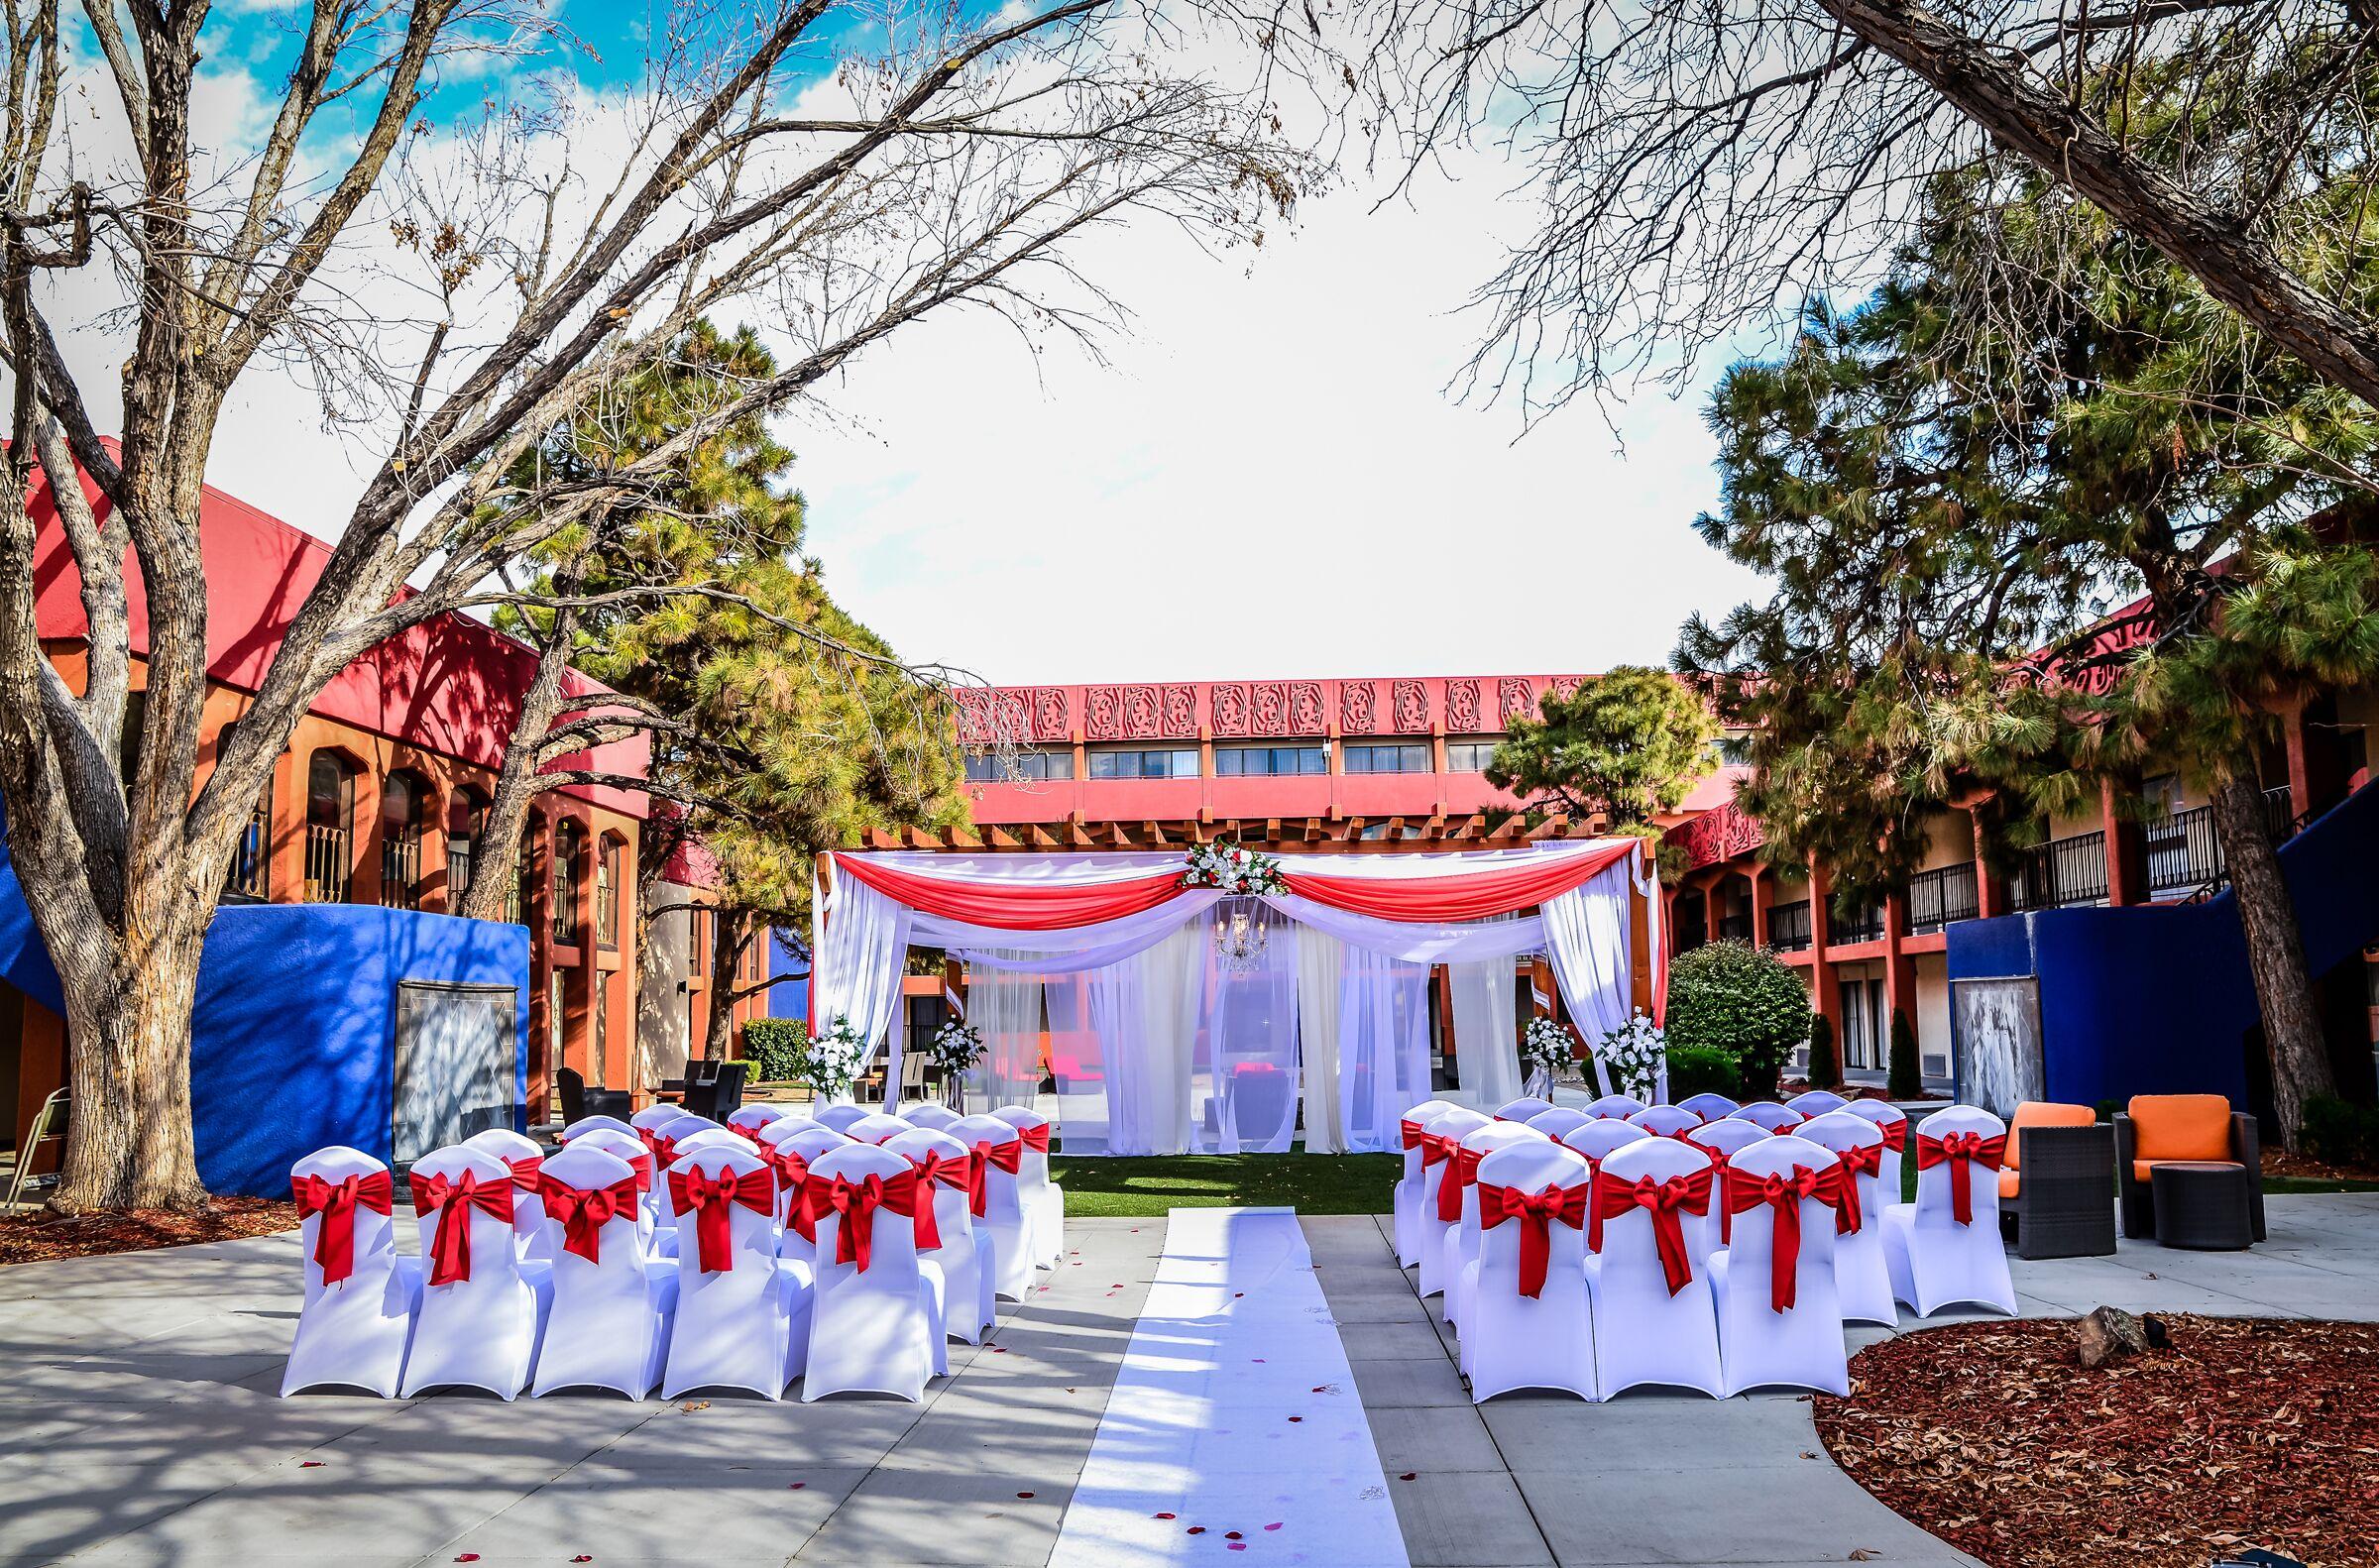 Wedding Invitations Albuquerque: Wyndham Albuquerque Hotel & Conference Center